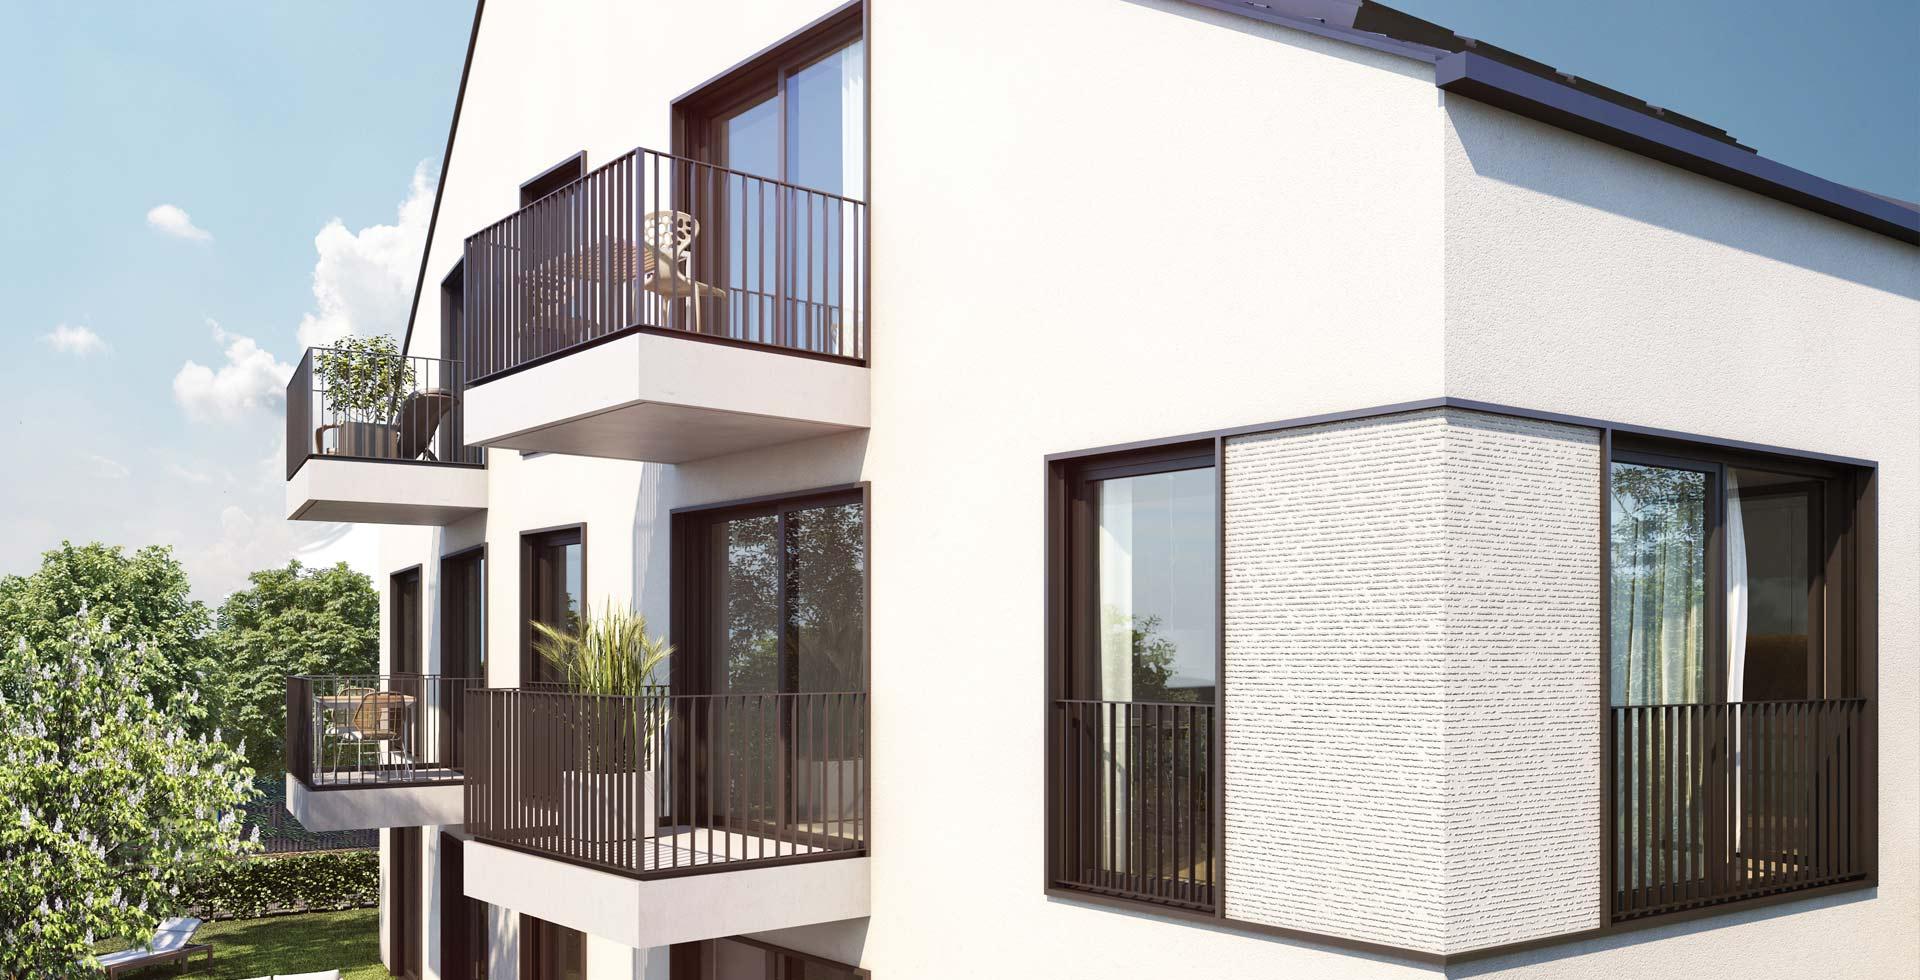 LHOMES_Neubauimmobilie_Tulpenweg-Wolfratshausen-Architektur-2-Aussenansicht